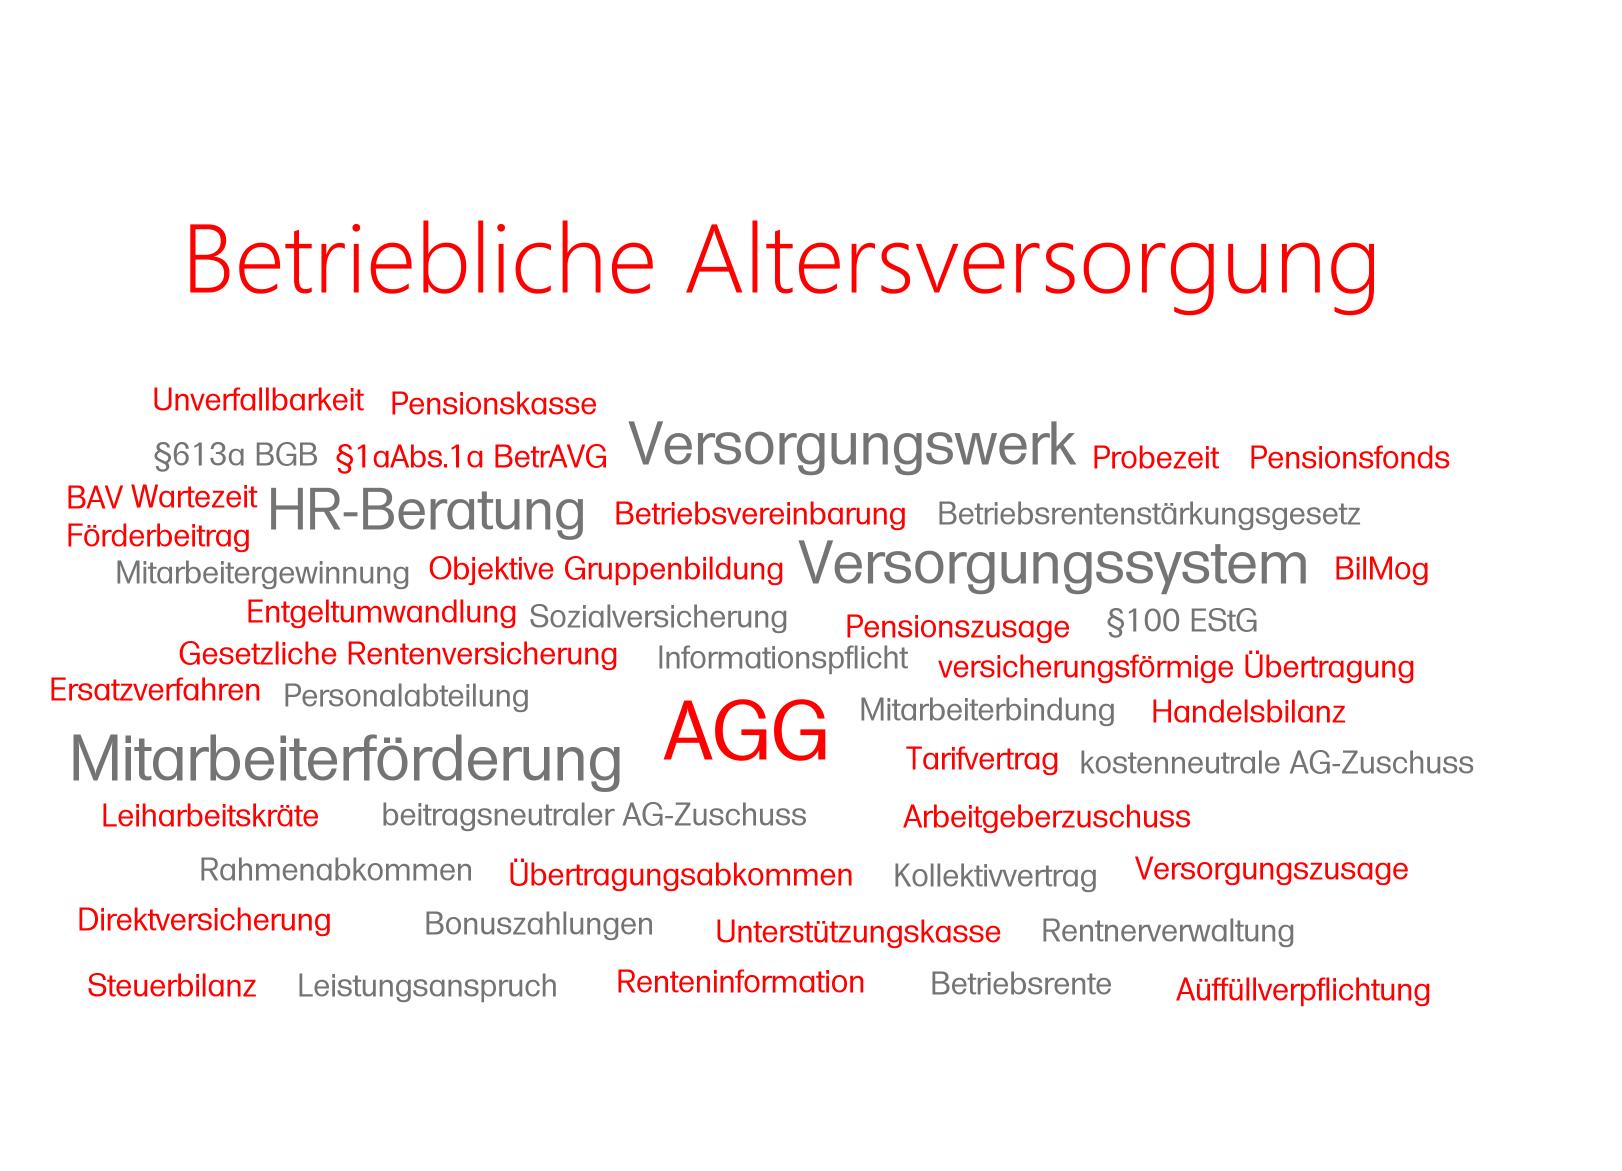 Was wünscht der deutsche Arbeitgeber und der Arbeitnehmer in der betrieblichen Altersversorgung? Wie kann der Arbeitgeber sein Personal besser binden?